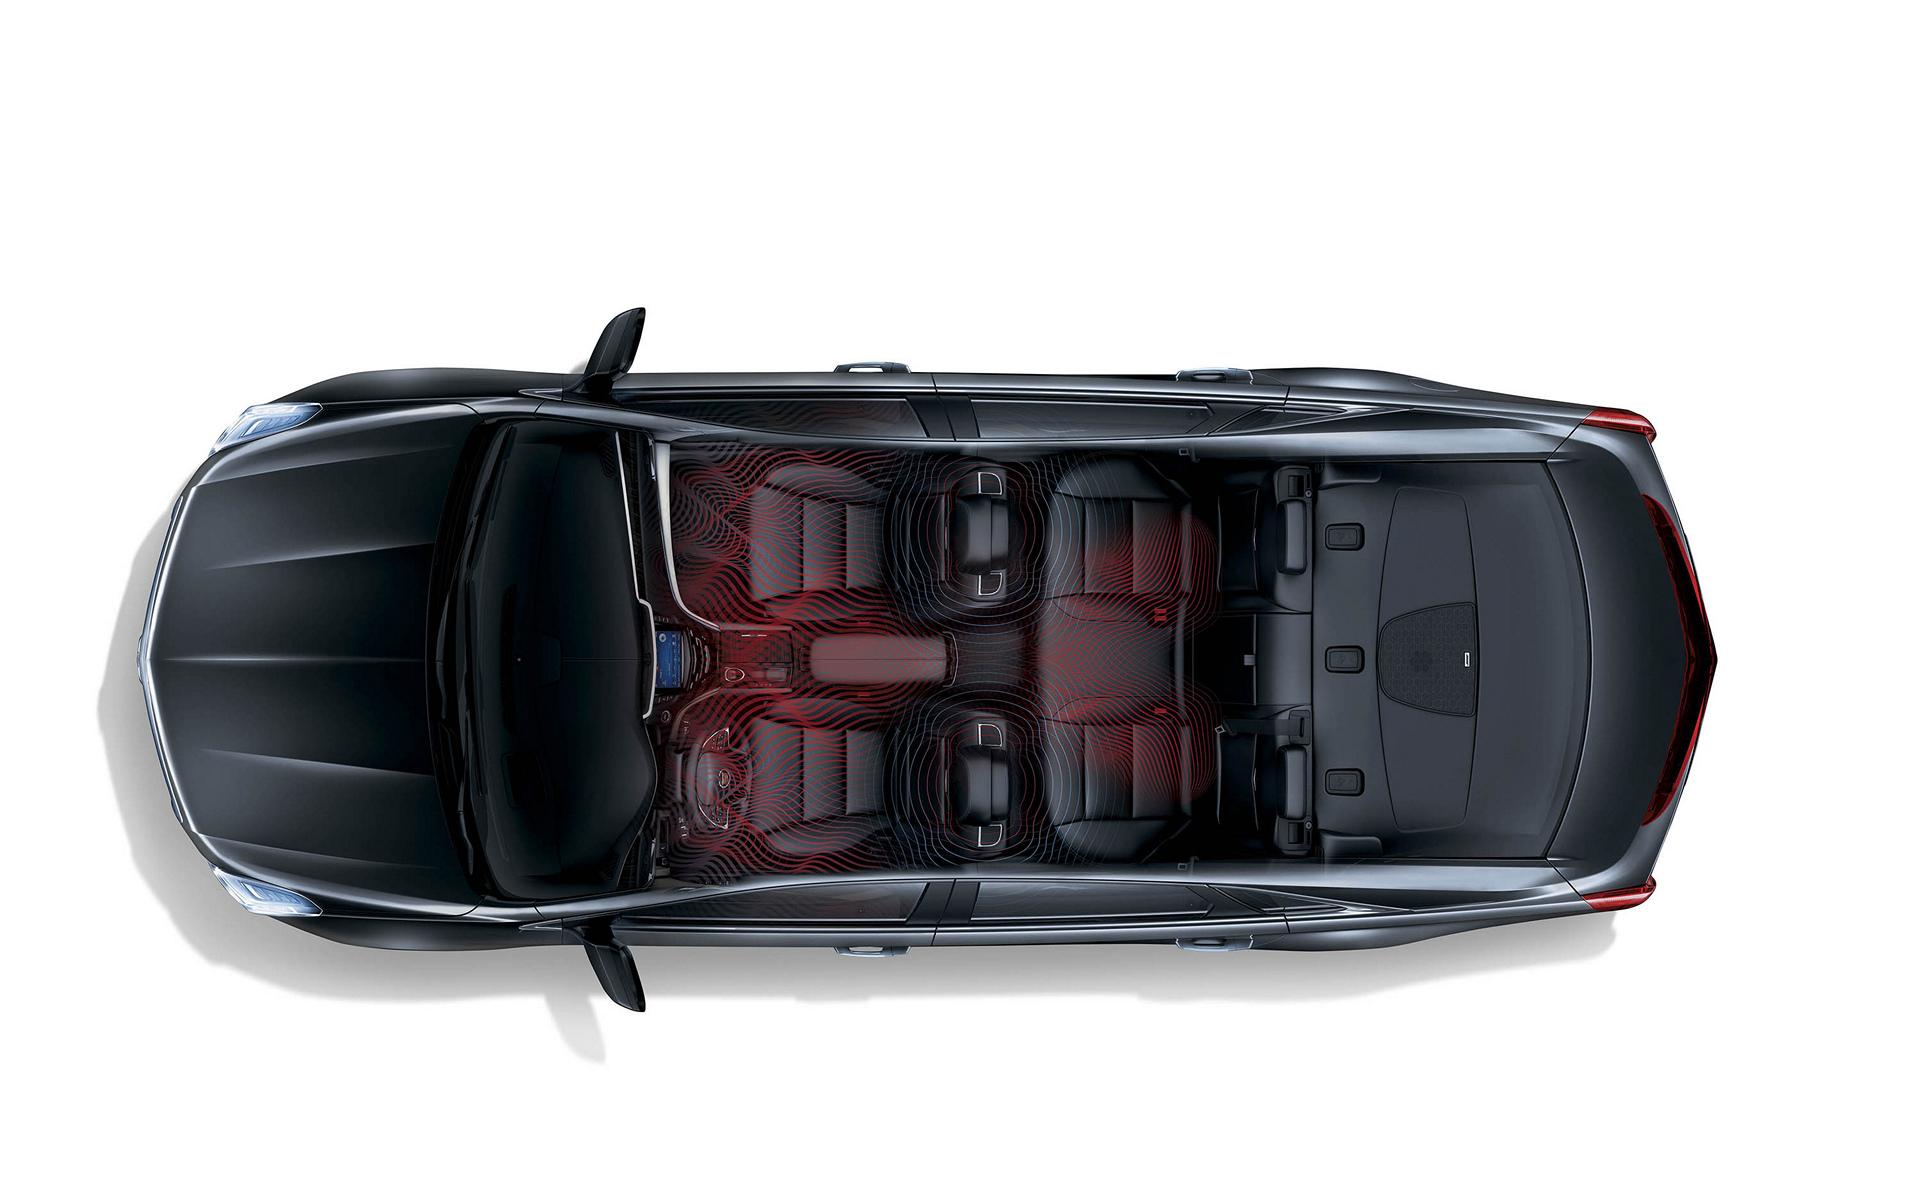 2017 Cadillac XTS © General Motors